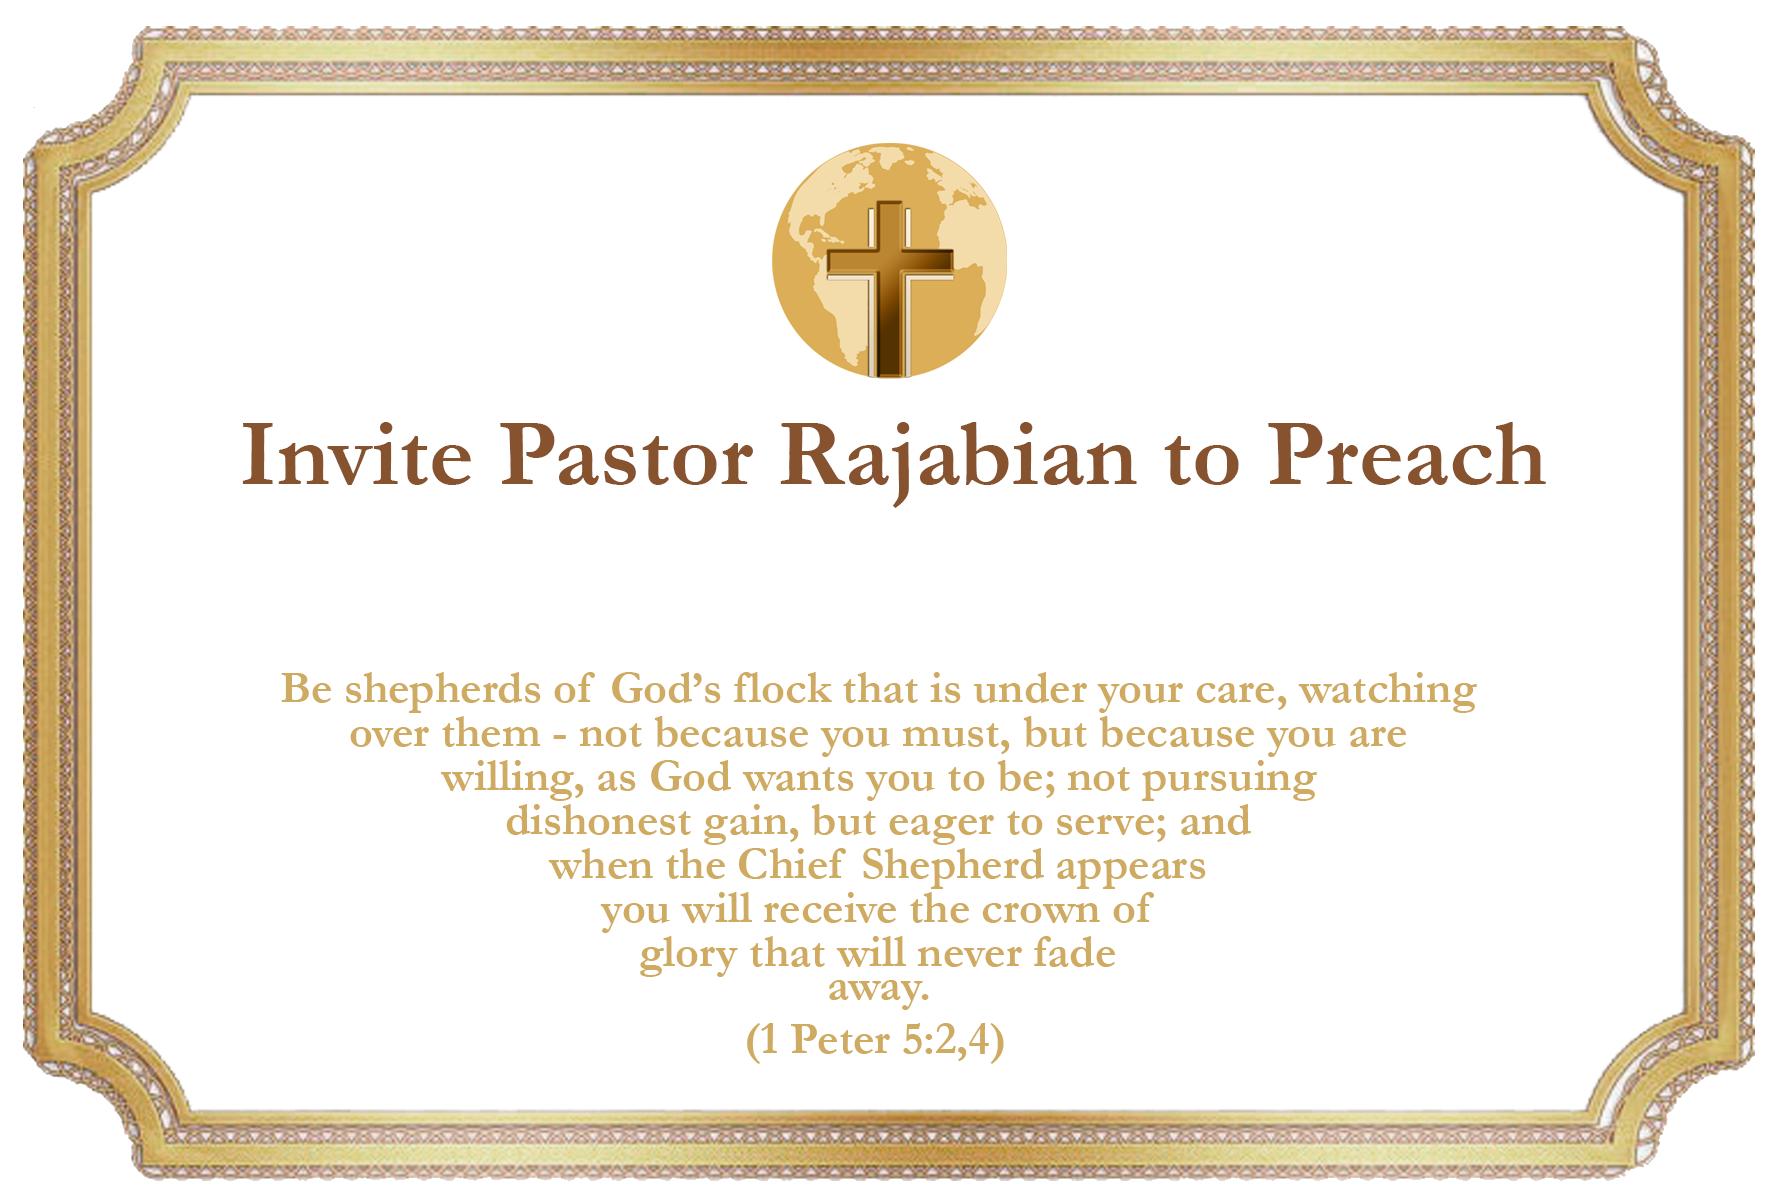 Invitation to Preach